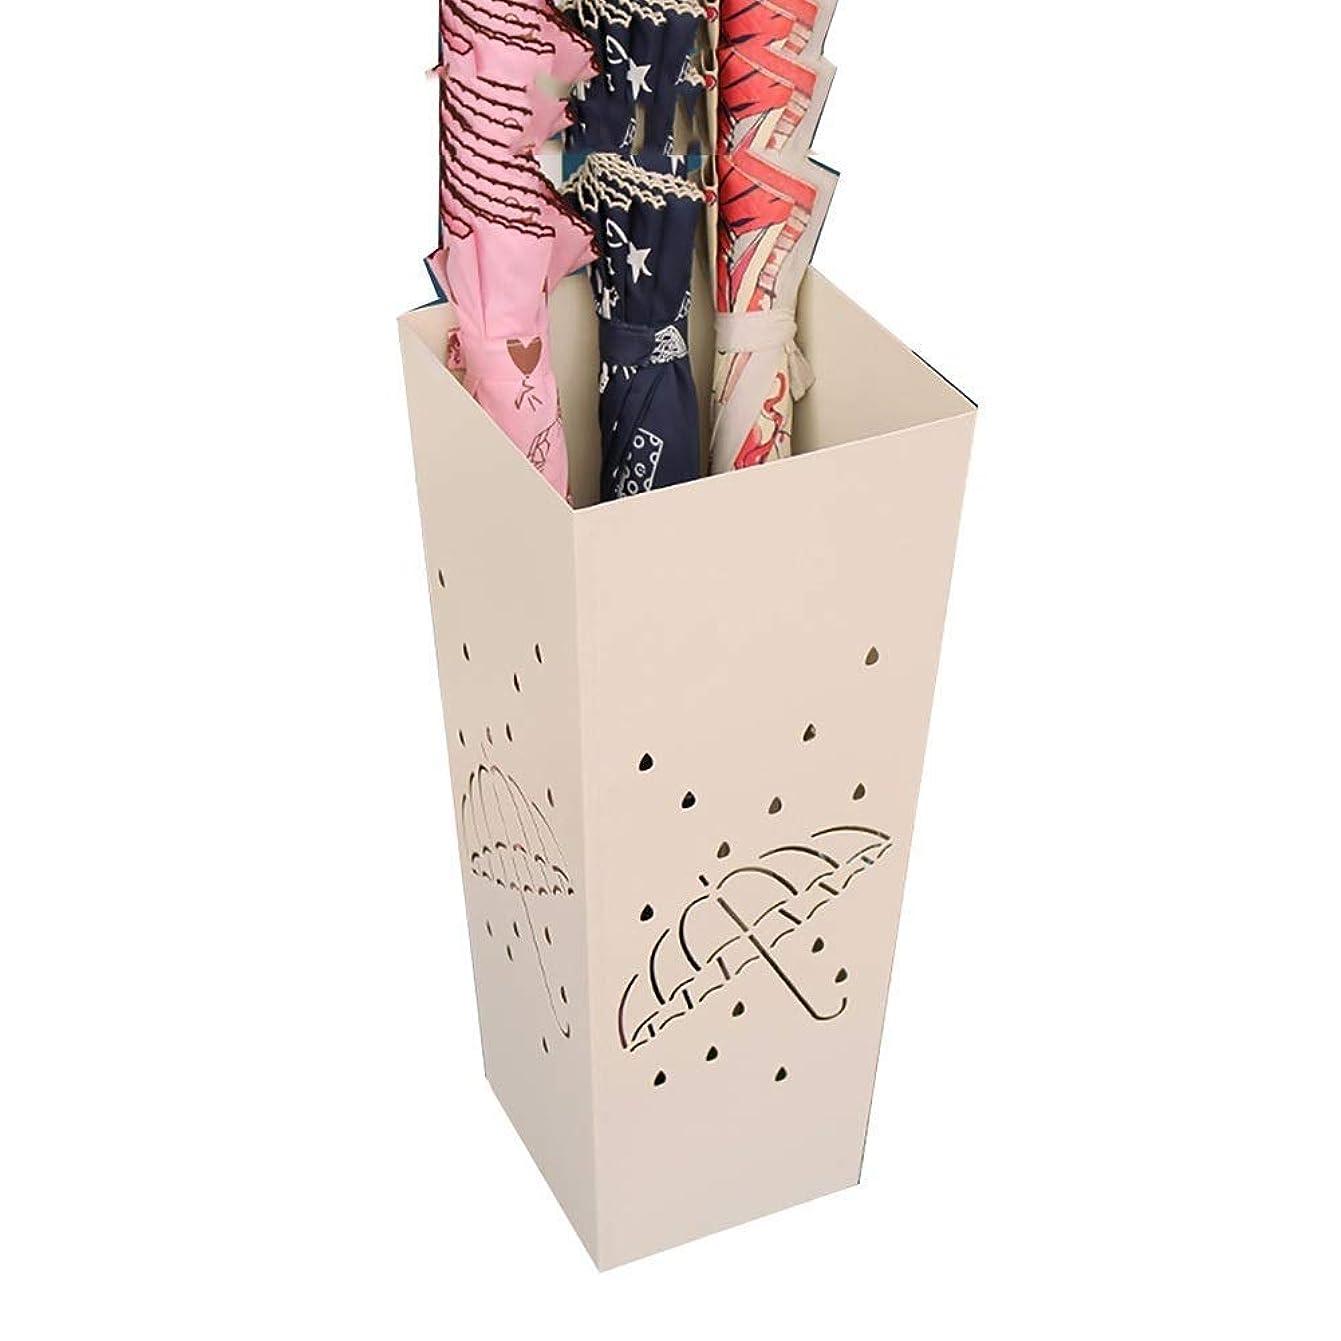 緯度先例形式傘立て傘ラックフリースタンド、ウォーキングスティック、包装紙、野球用バット収納ラックに最適